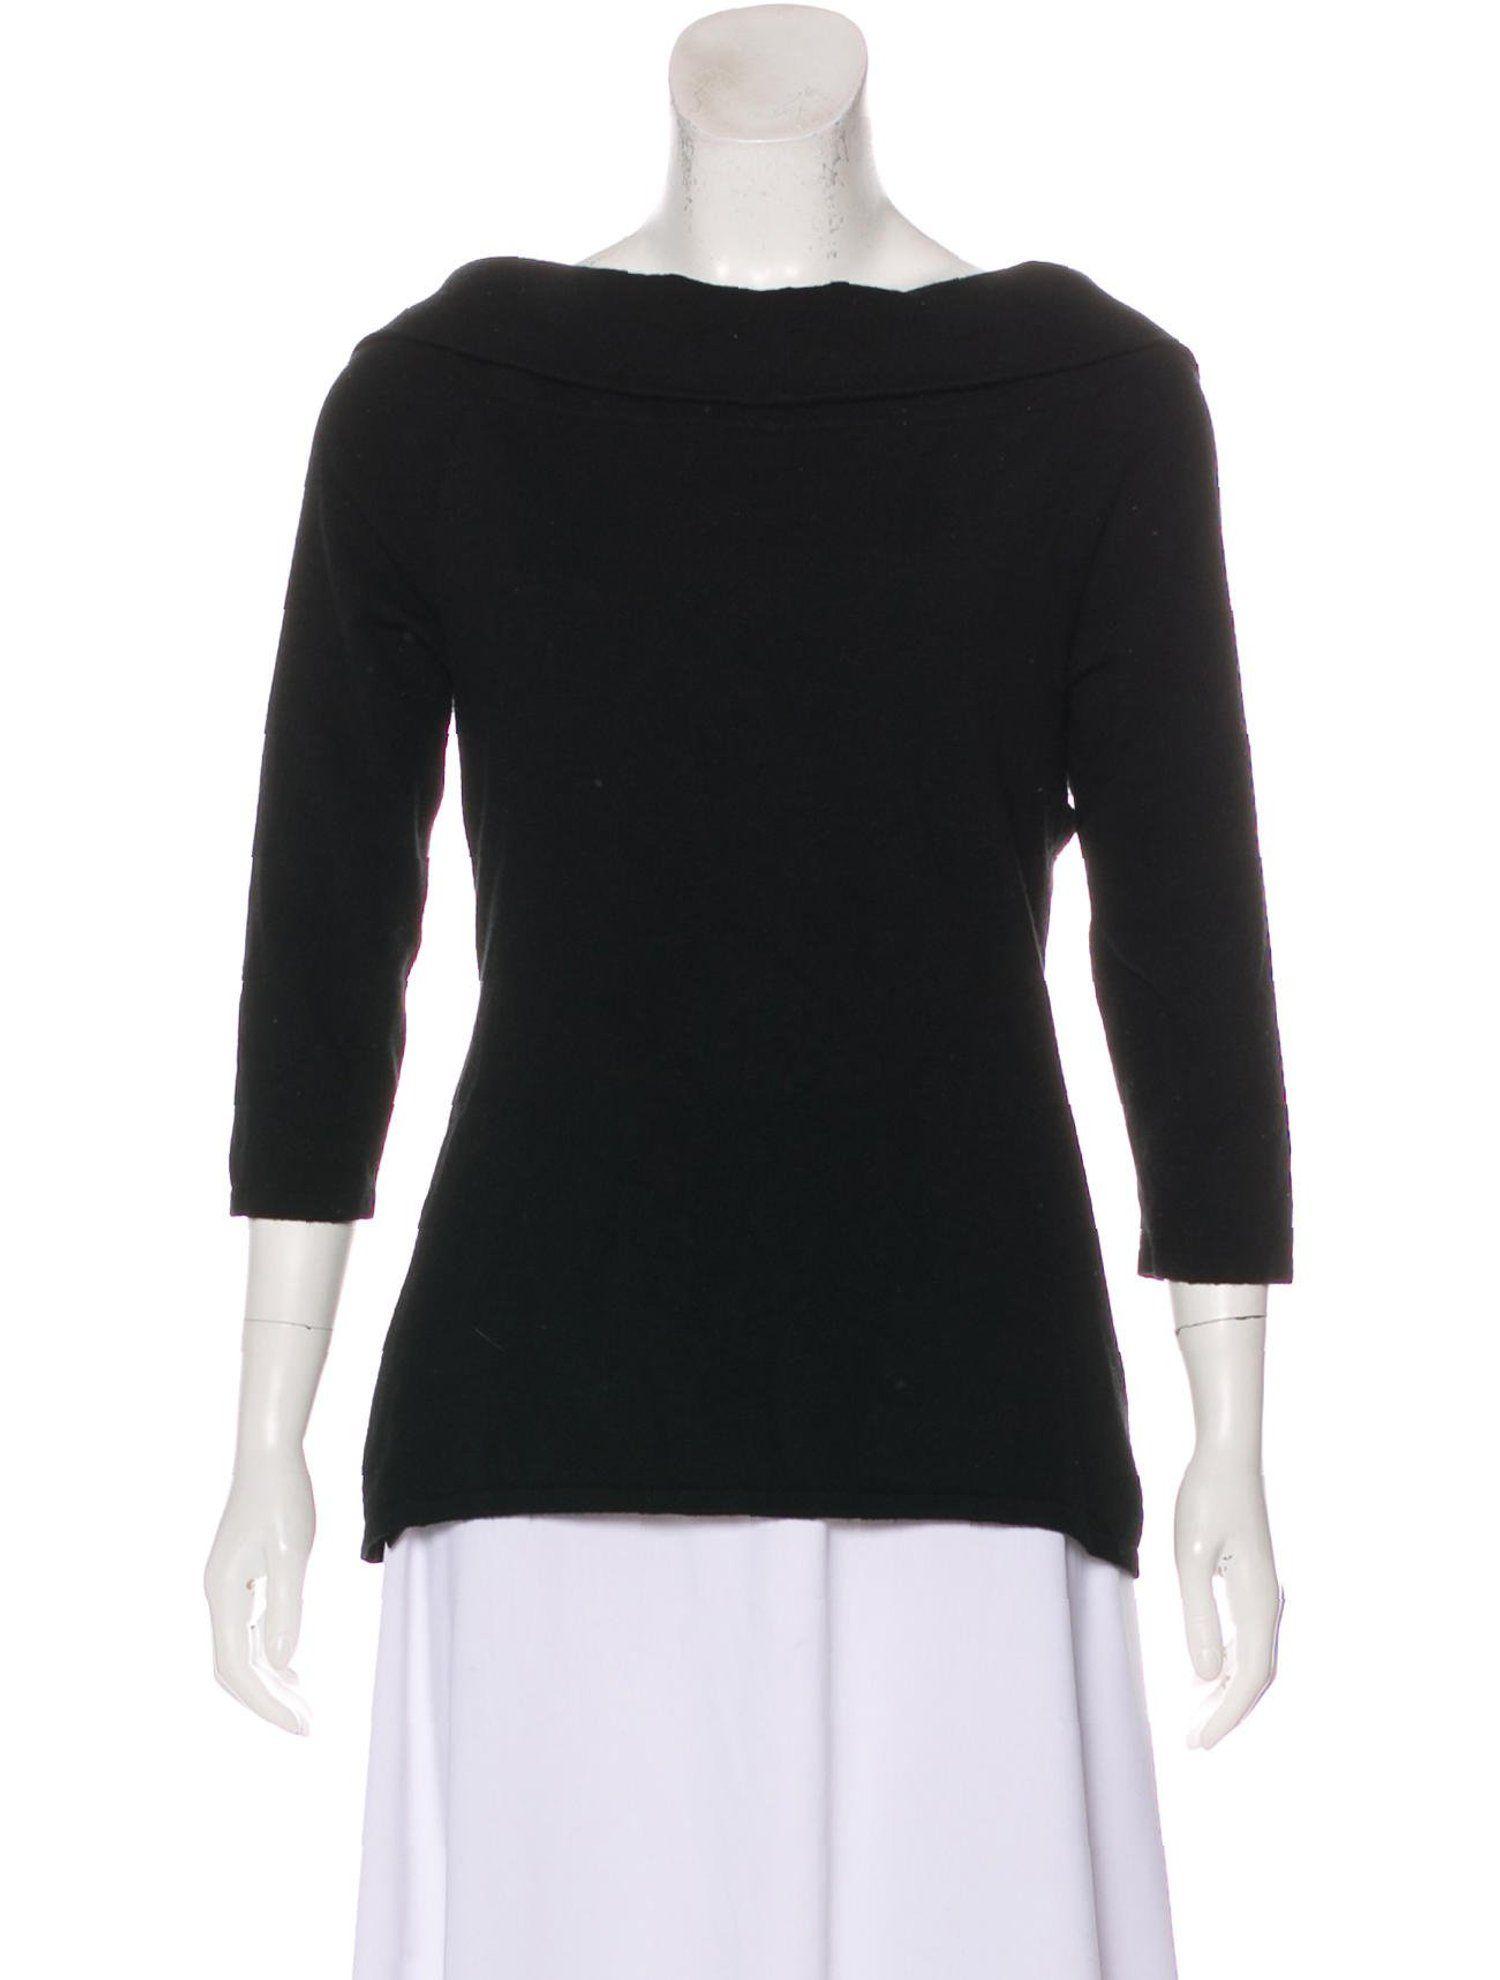 Lyst - Ralph lauren Pointelle-knit Cardigan in White